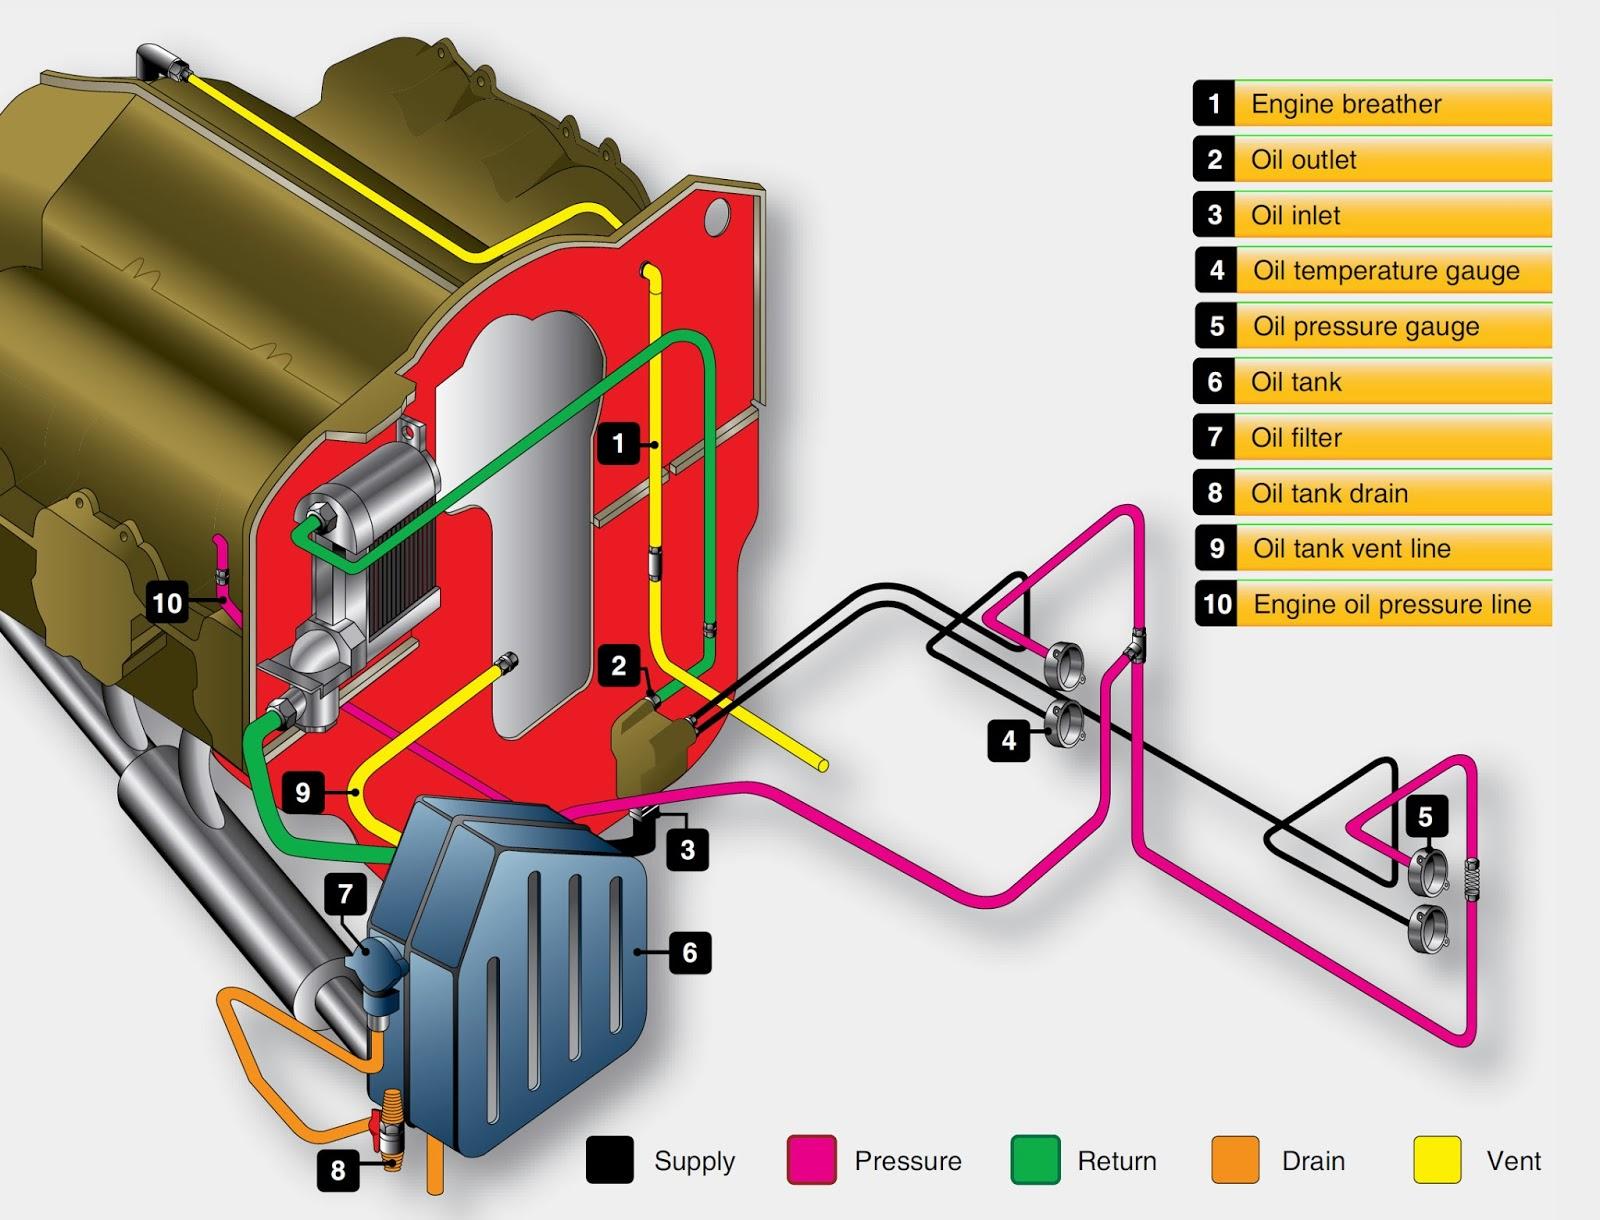 medium resolution of aircraft engine lubrication system